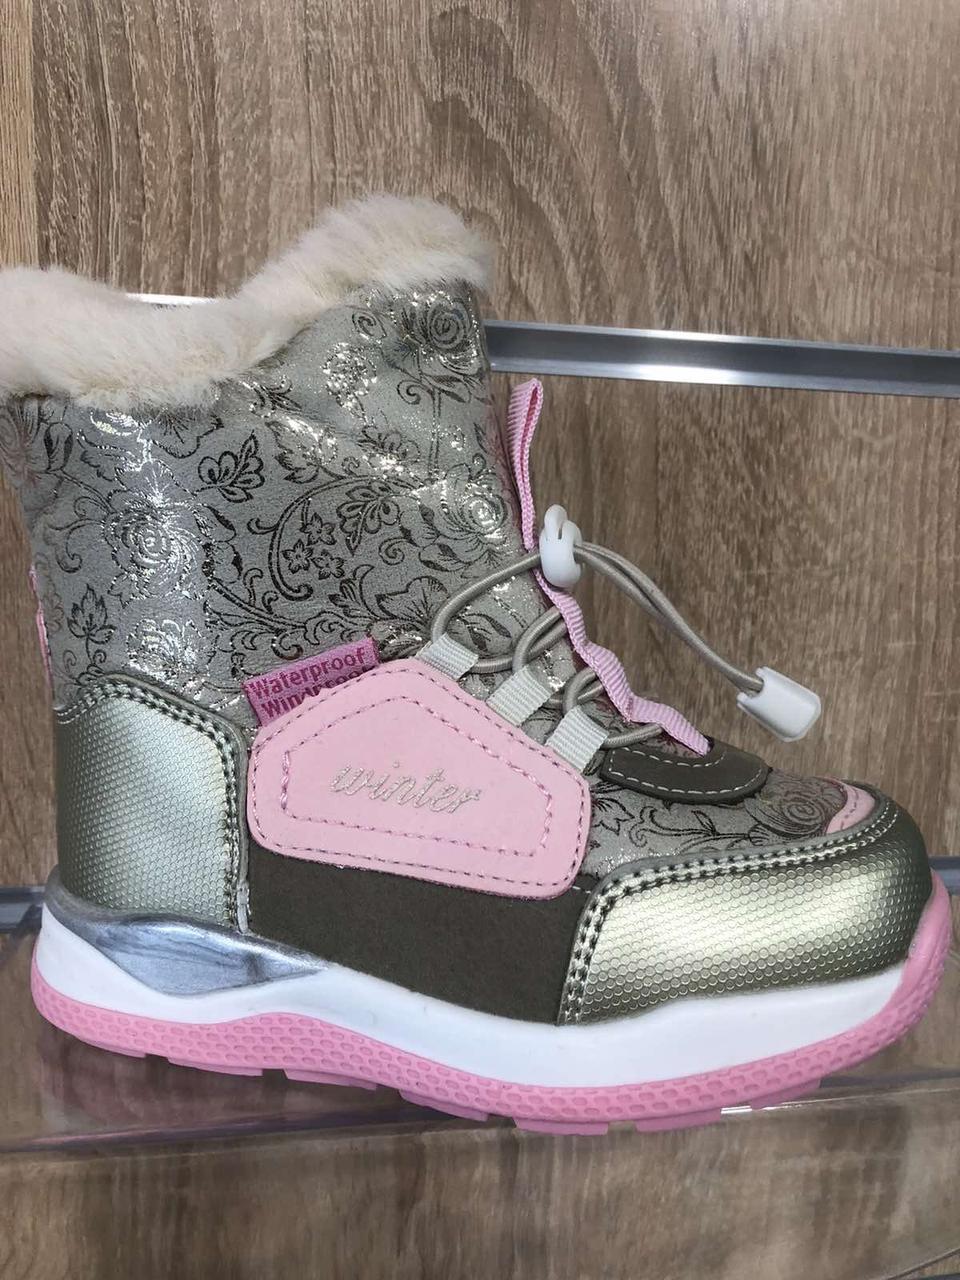 Детские зимние термо сапоги,сноубутсы  Tom.m ( размеры 23,24,25,26)